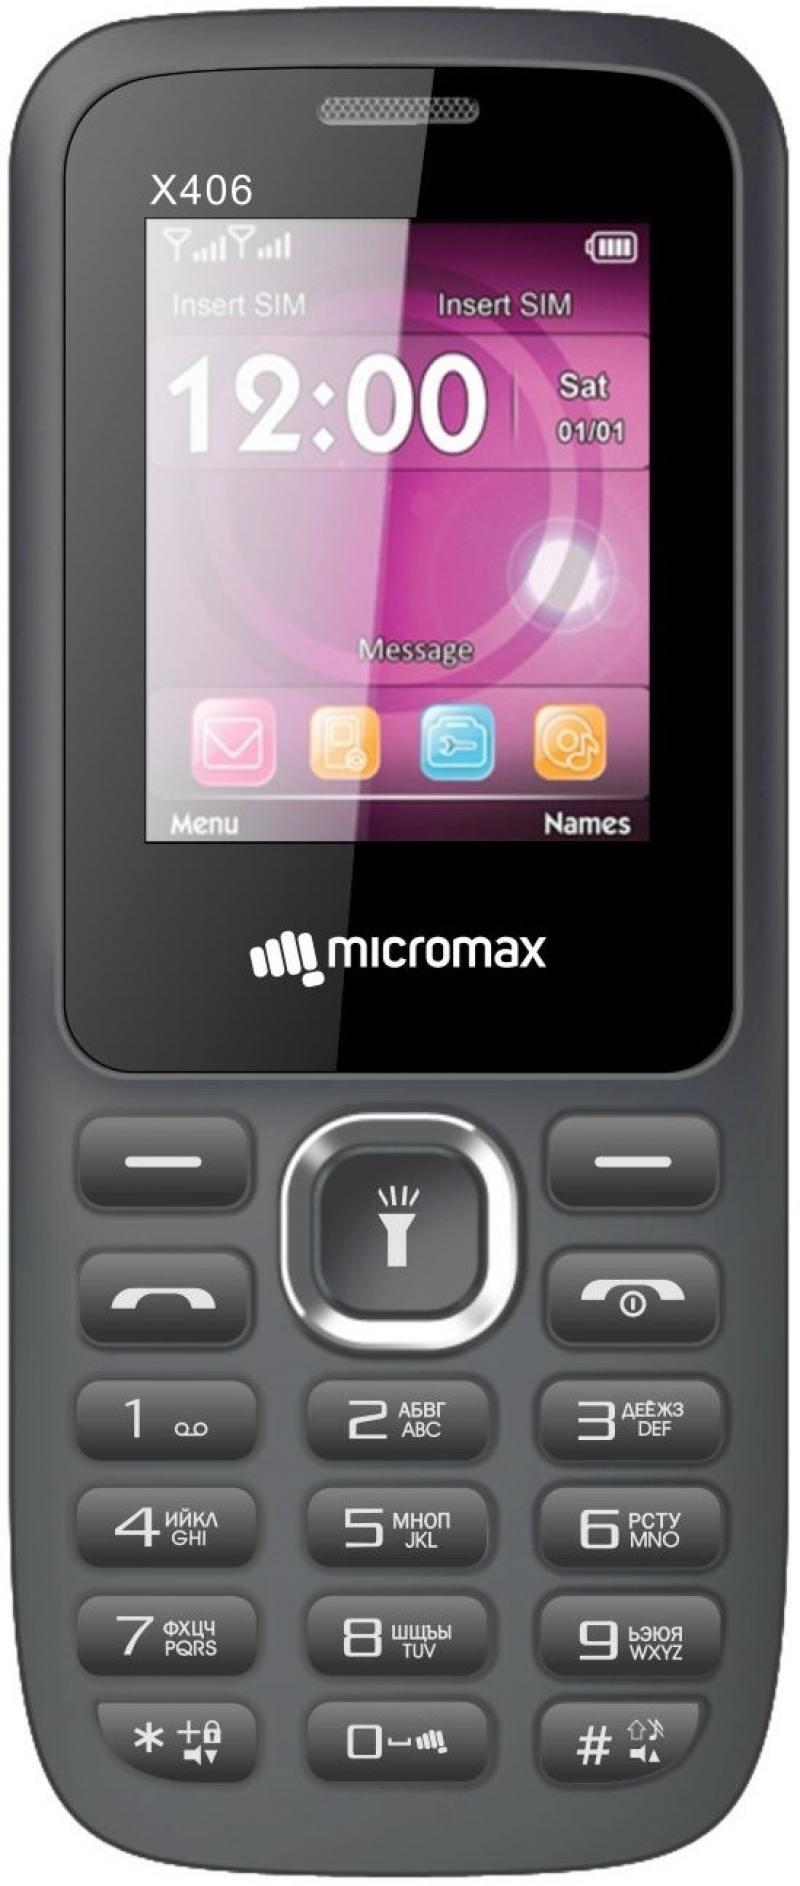 Мобильный телефон Micromax X406 серый 1.77